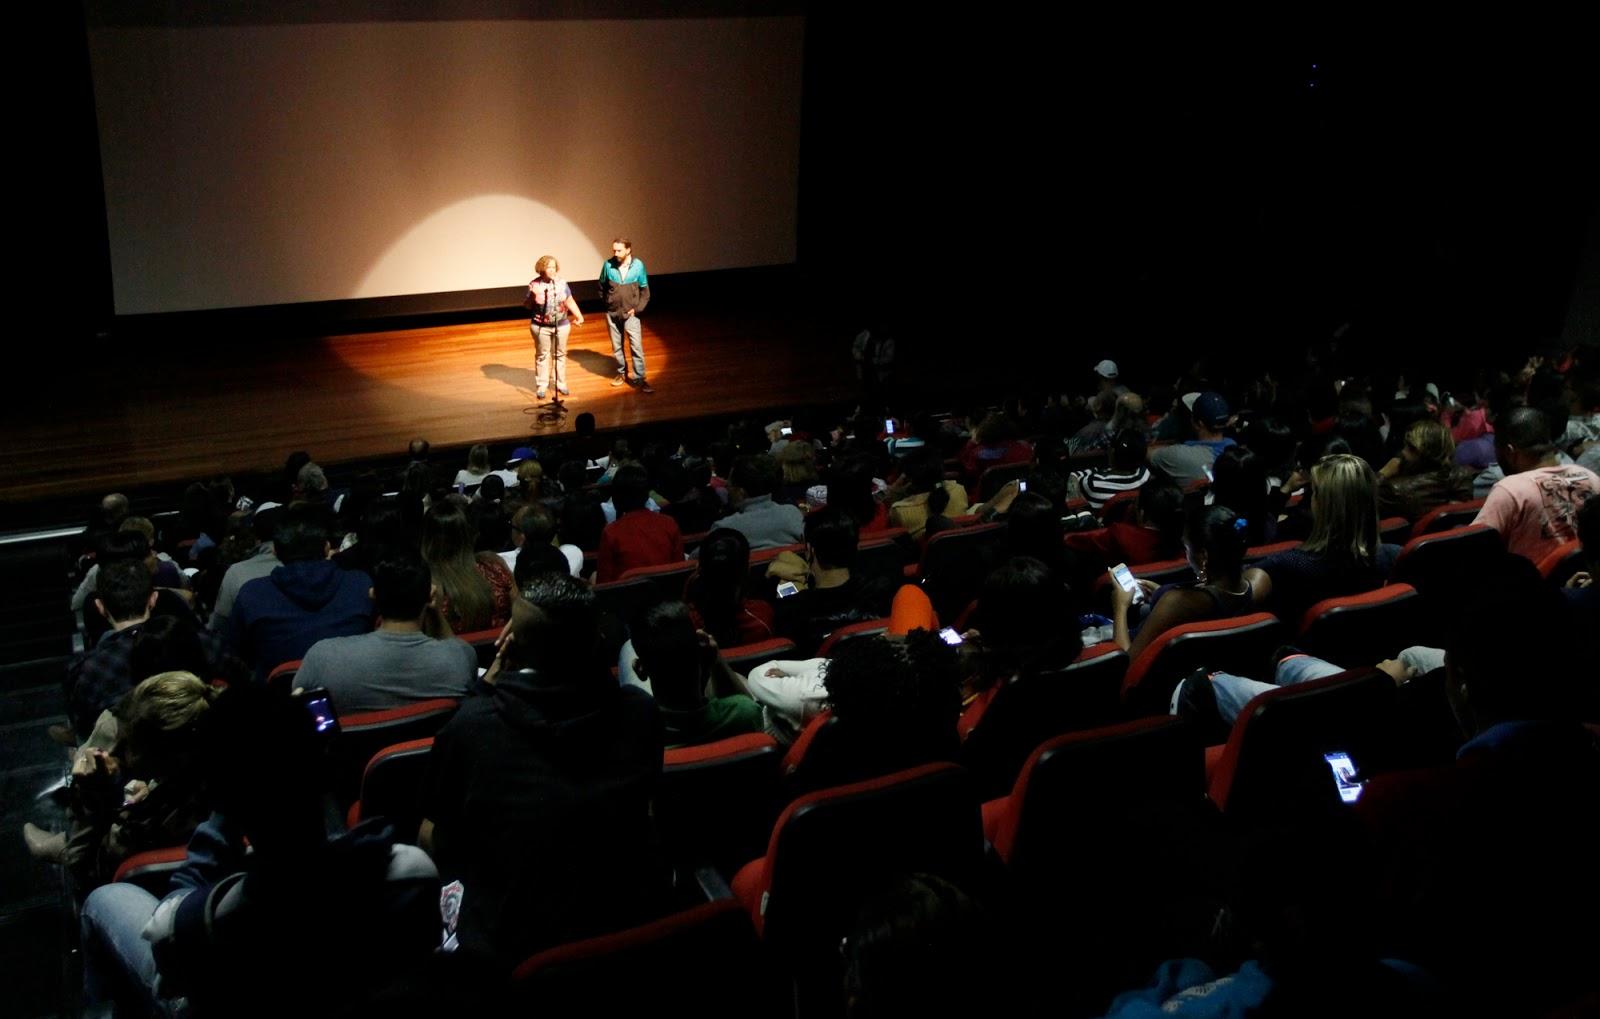 Circuito Sp Cine : Salas de cinema de sÃo paulo: spcine aricanduva são paulo sp